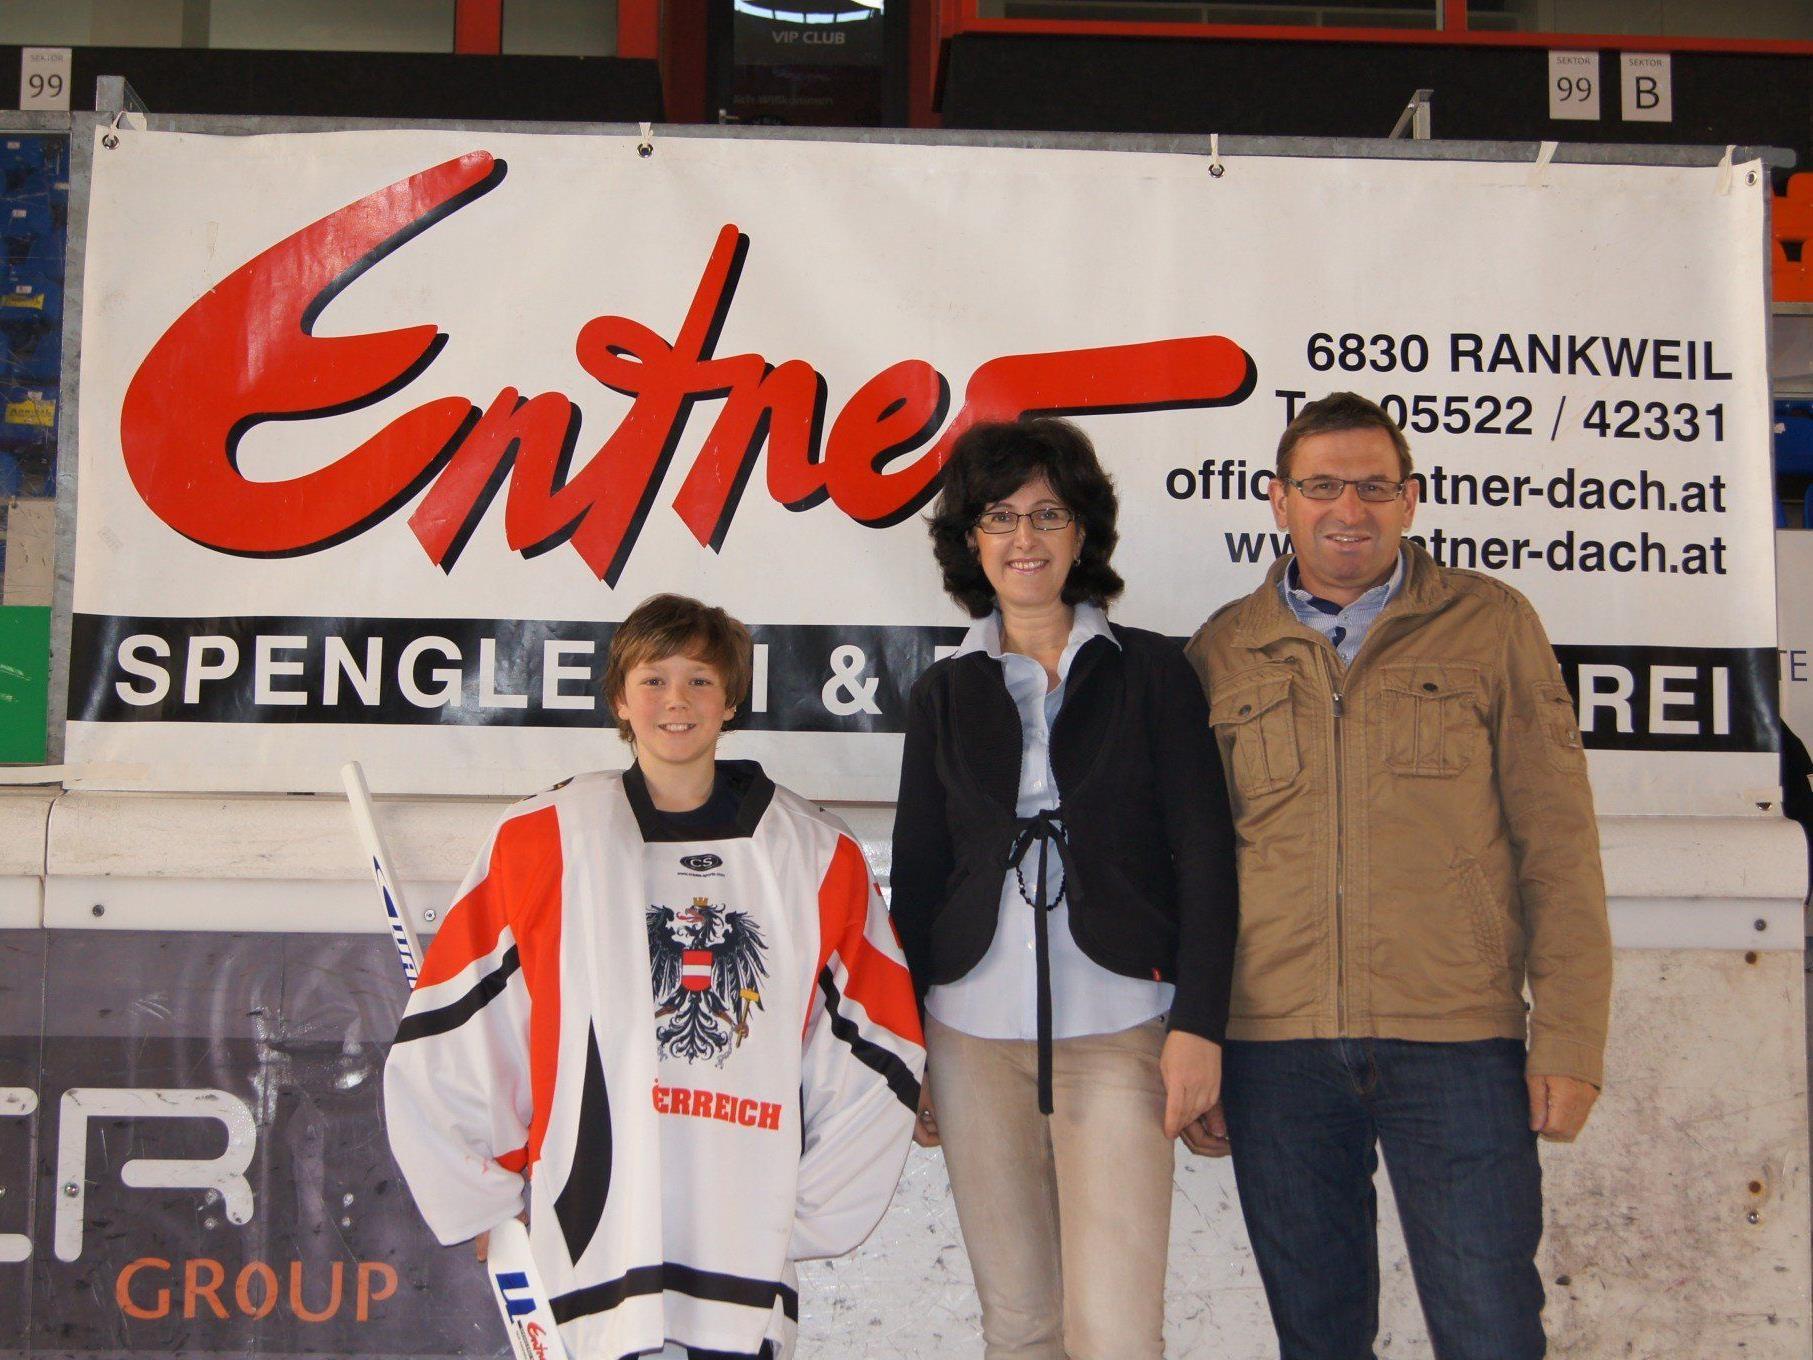 Die Firma Entner Spenglerei unterstützt das Talent Felix Beck bei seinem sportlichen Werdegang.